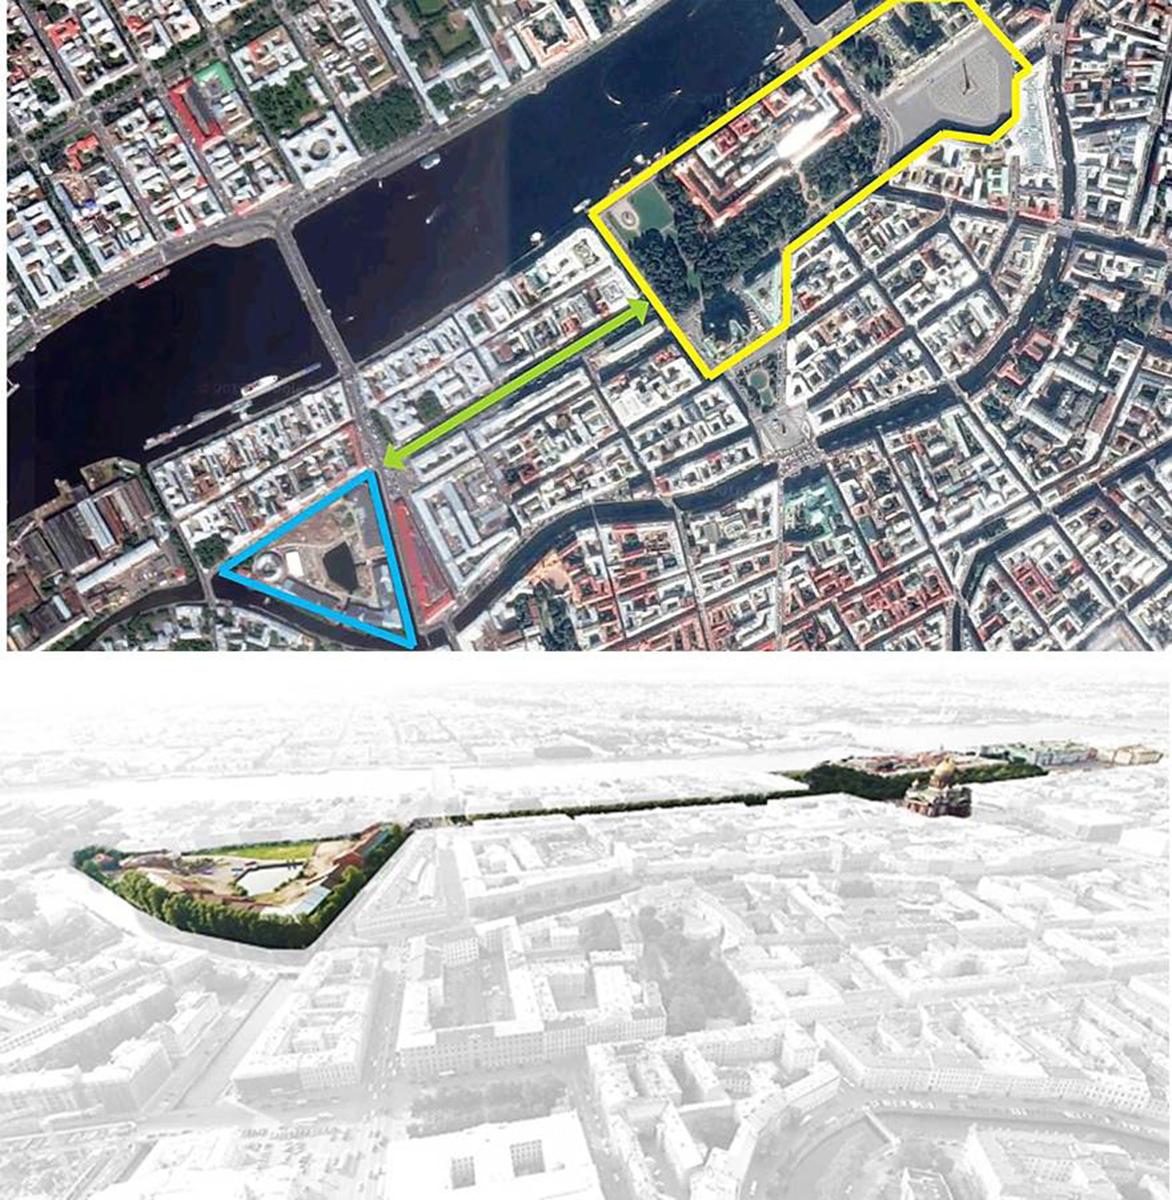 جایگاه پروژه های محرک توسعه در حیات شهر سوسیالیستی